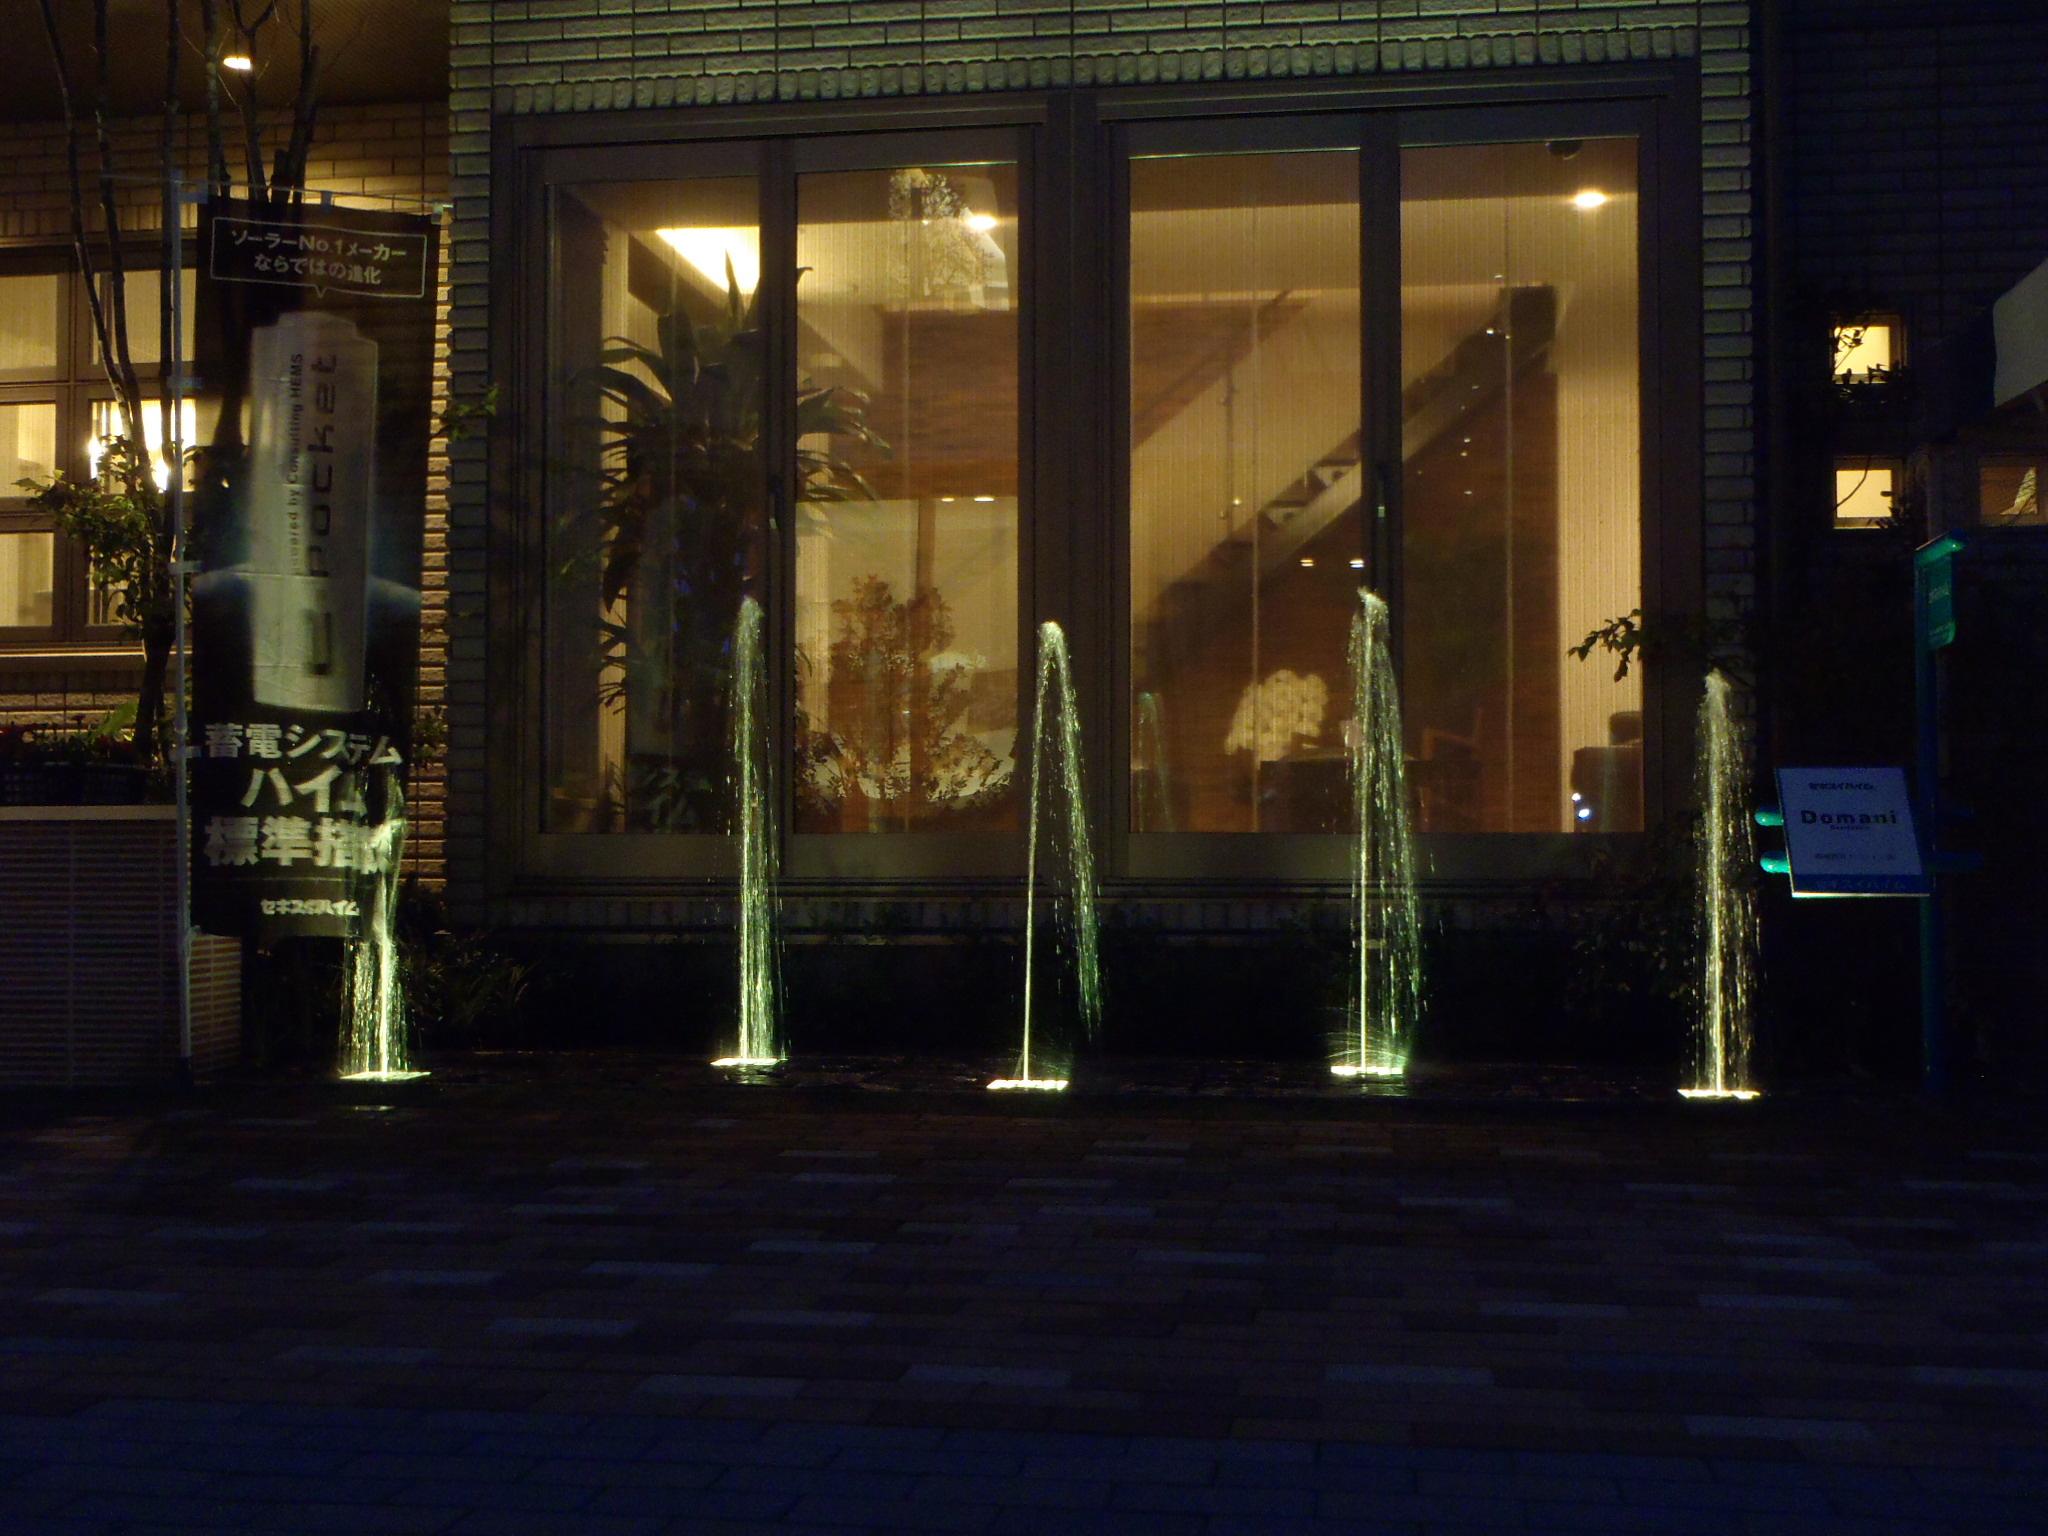 セキスイハイム横須賀展示場 水玉噴水設置(神奈川県)